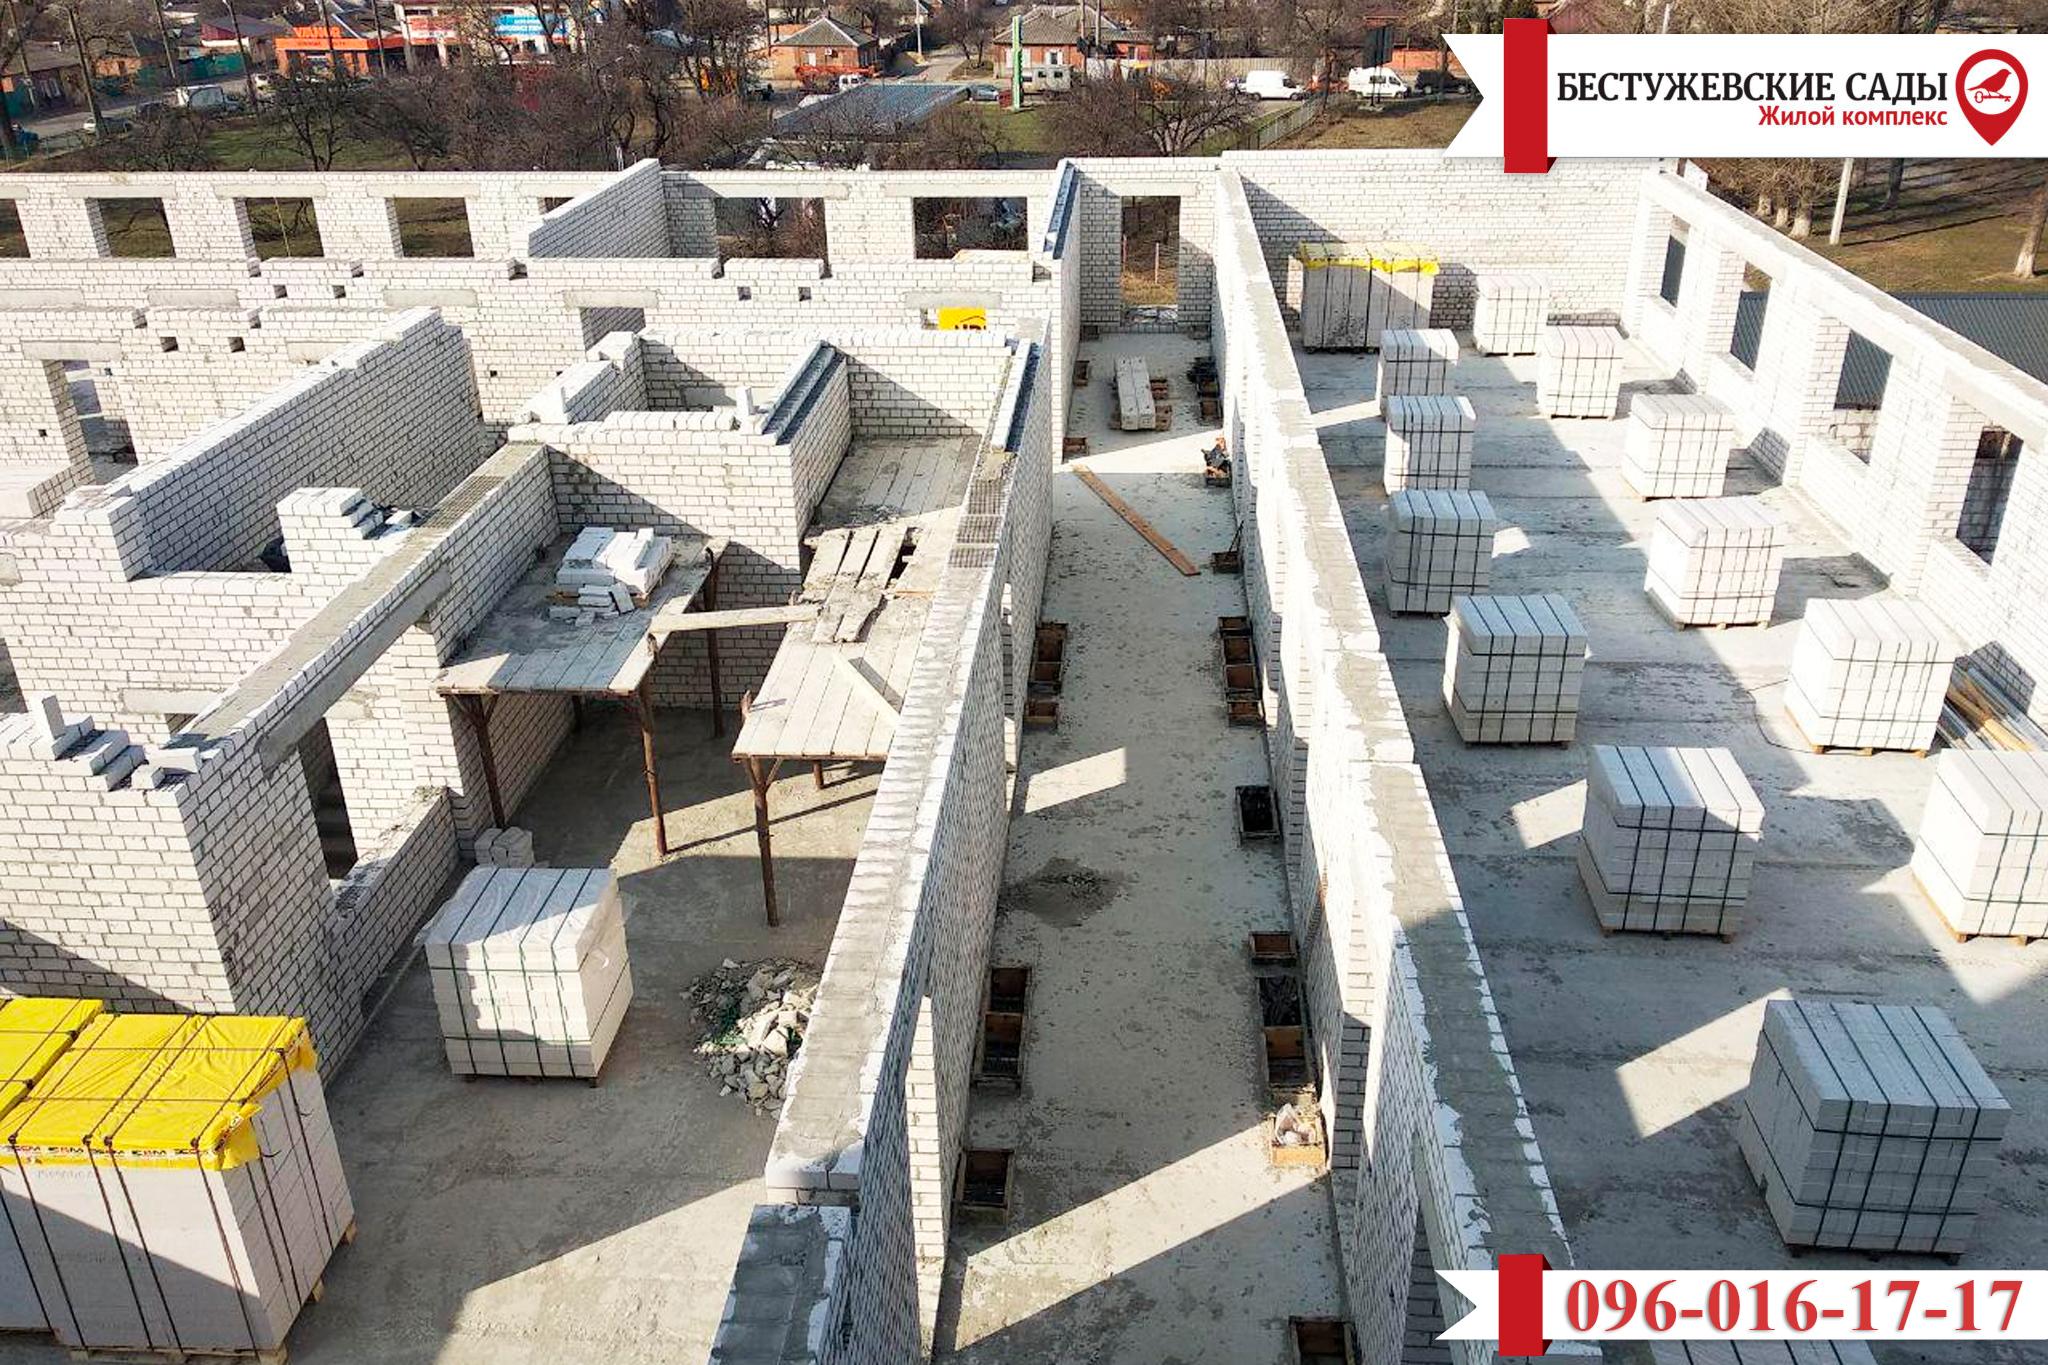 Строительство второго дома в ЖК «Бестужевские сады»